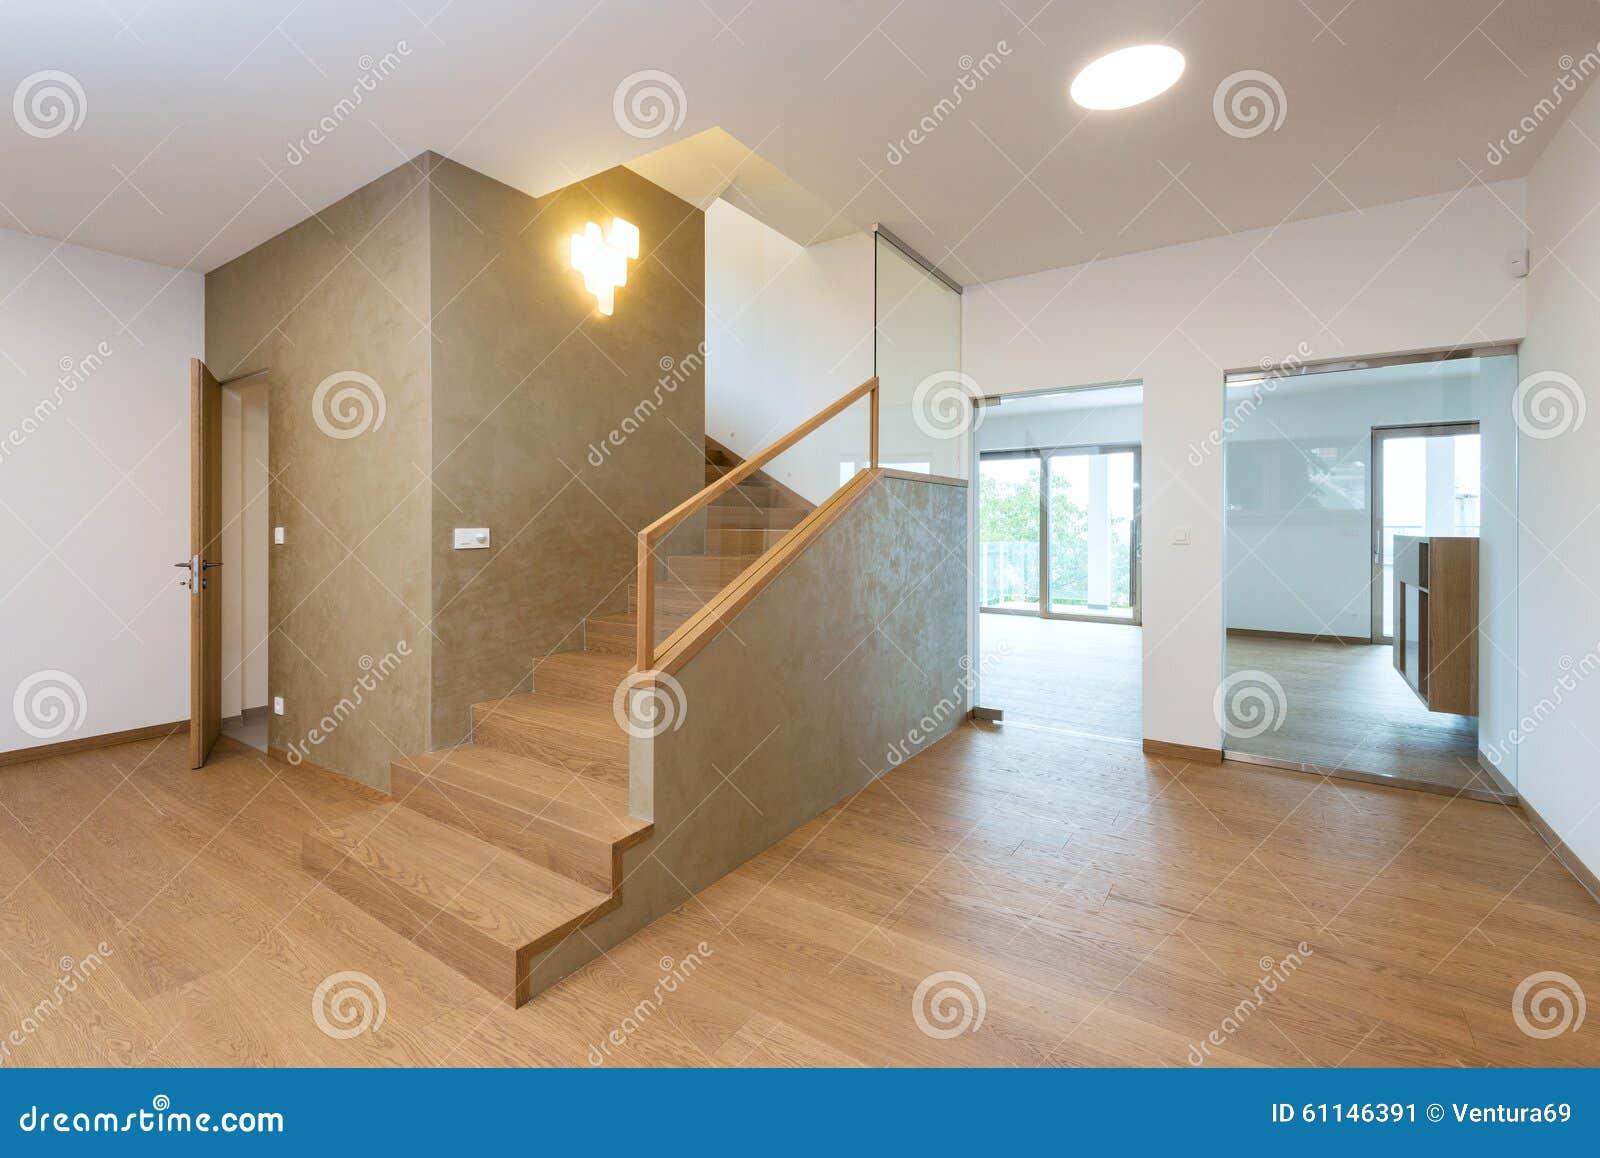 Gang met trap in modern huis stock foto afbeelding 61146391 - Gang met trap ...